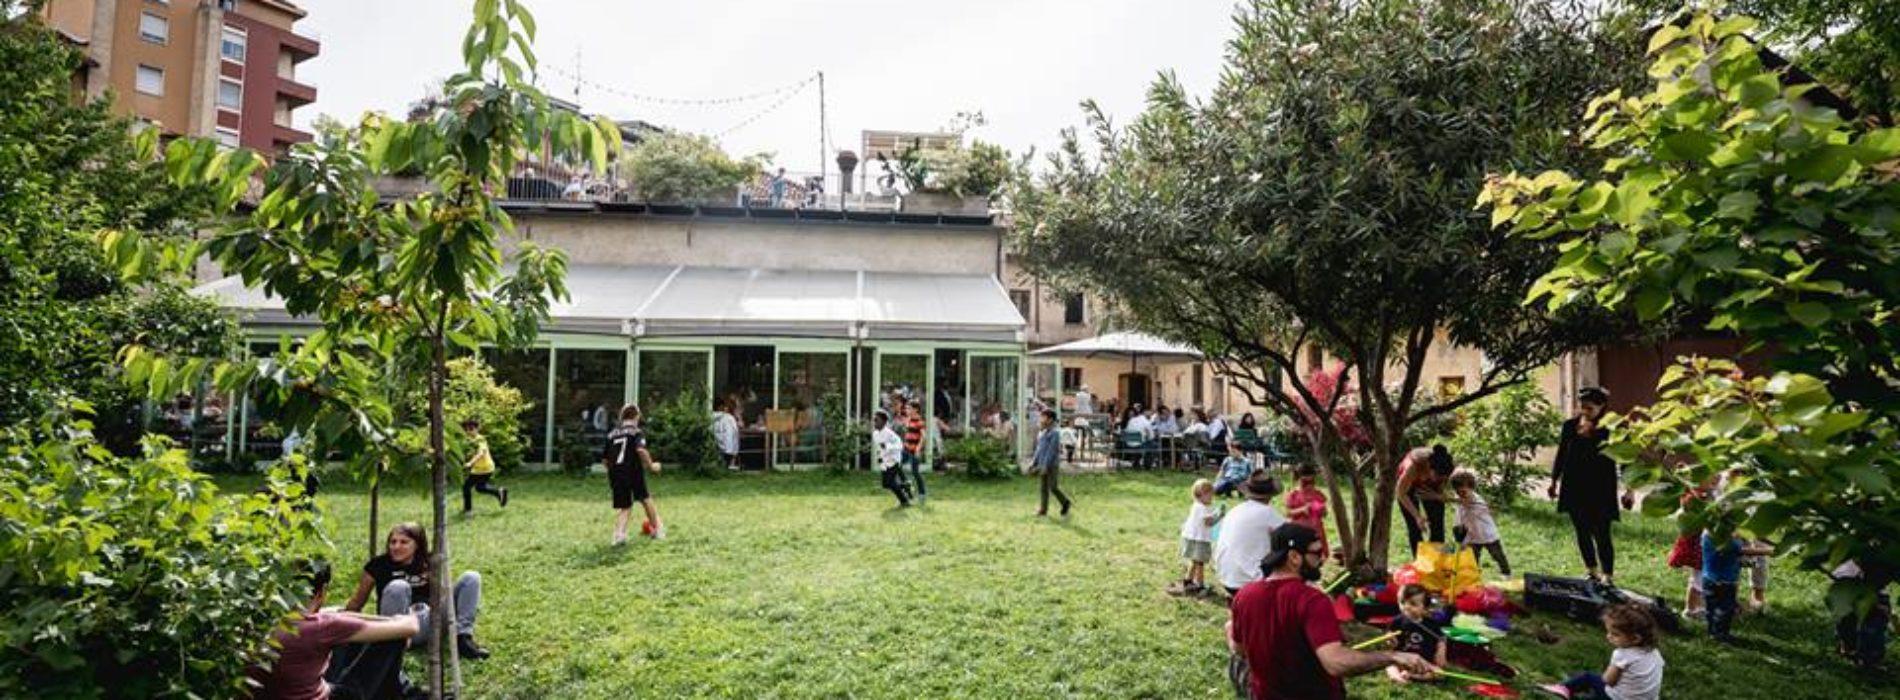 Ristoranti aperti agosto 2018 a Milano, dove cenare d'estate in città nonostante le ferie